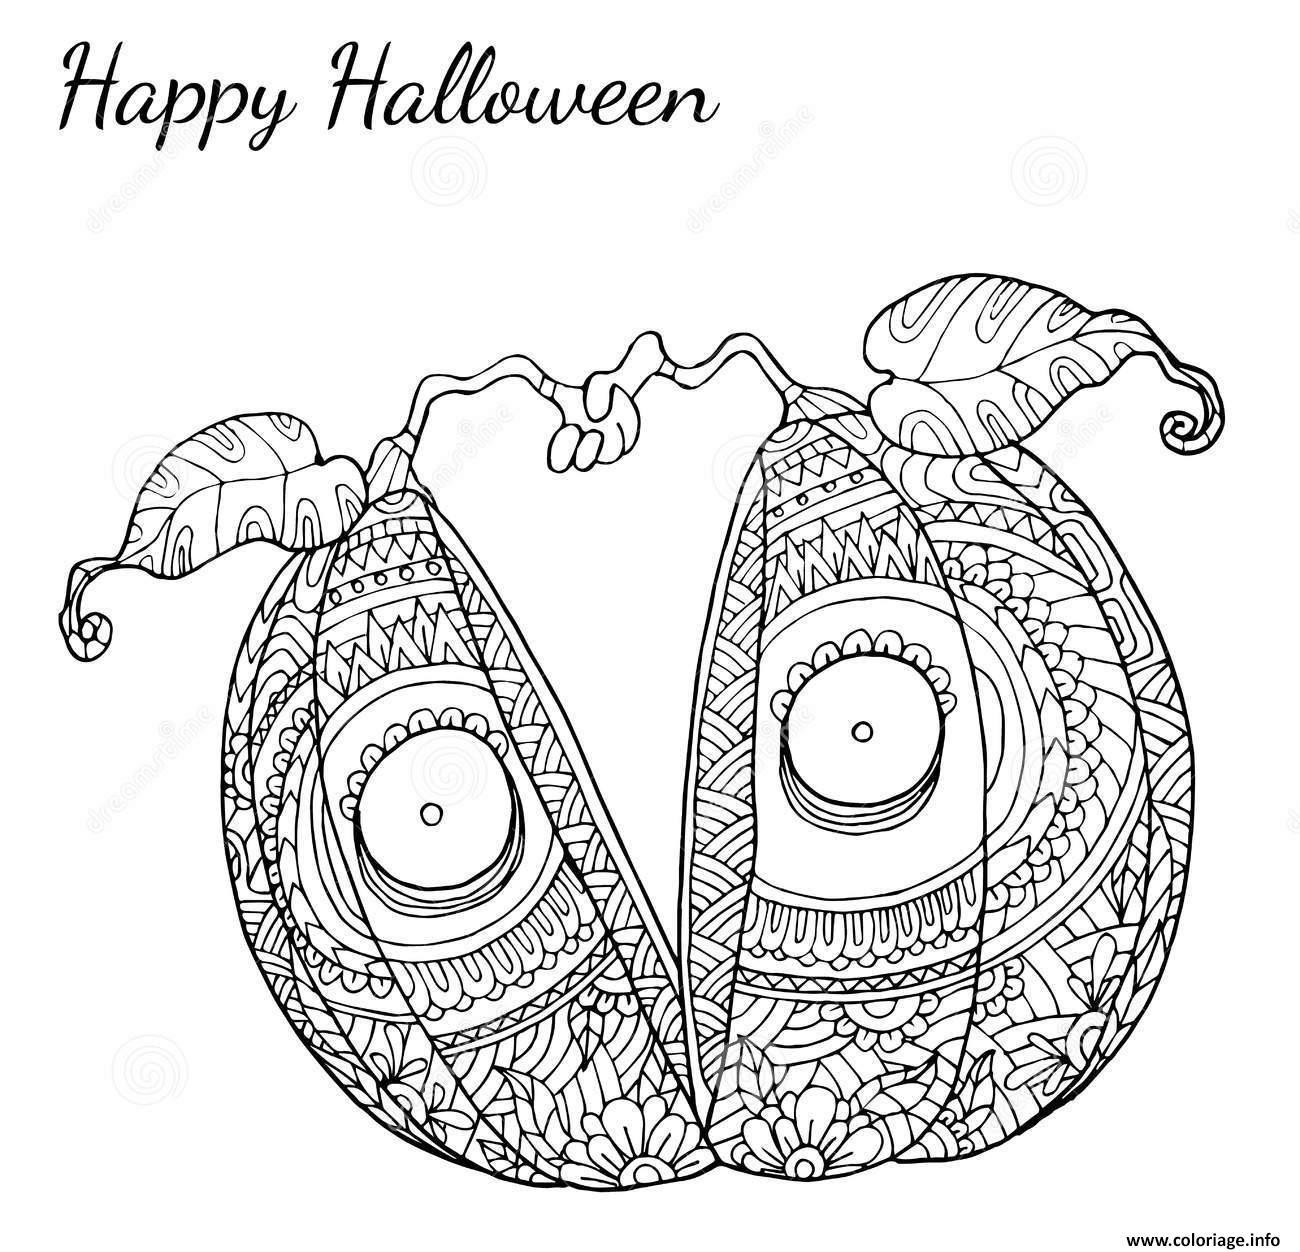 coloriage halloween adulte citrouille coupe en deux. Black Bedroom Furniture Sets. Home Design Ideas